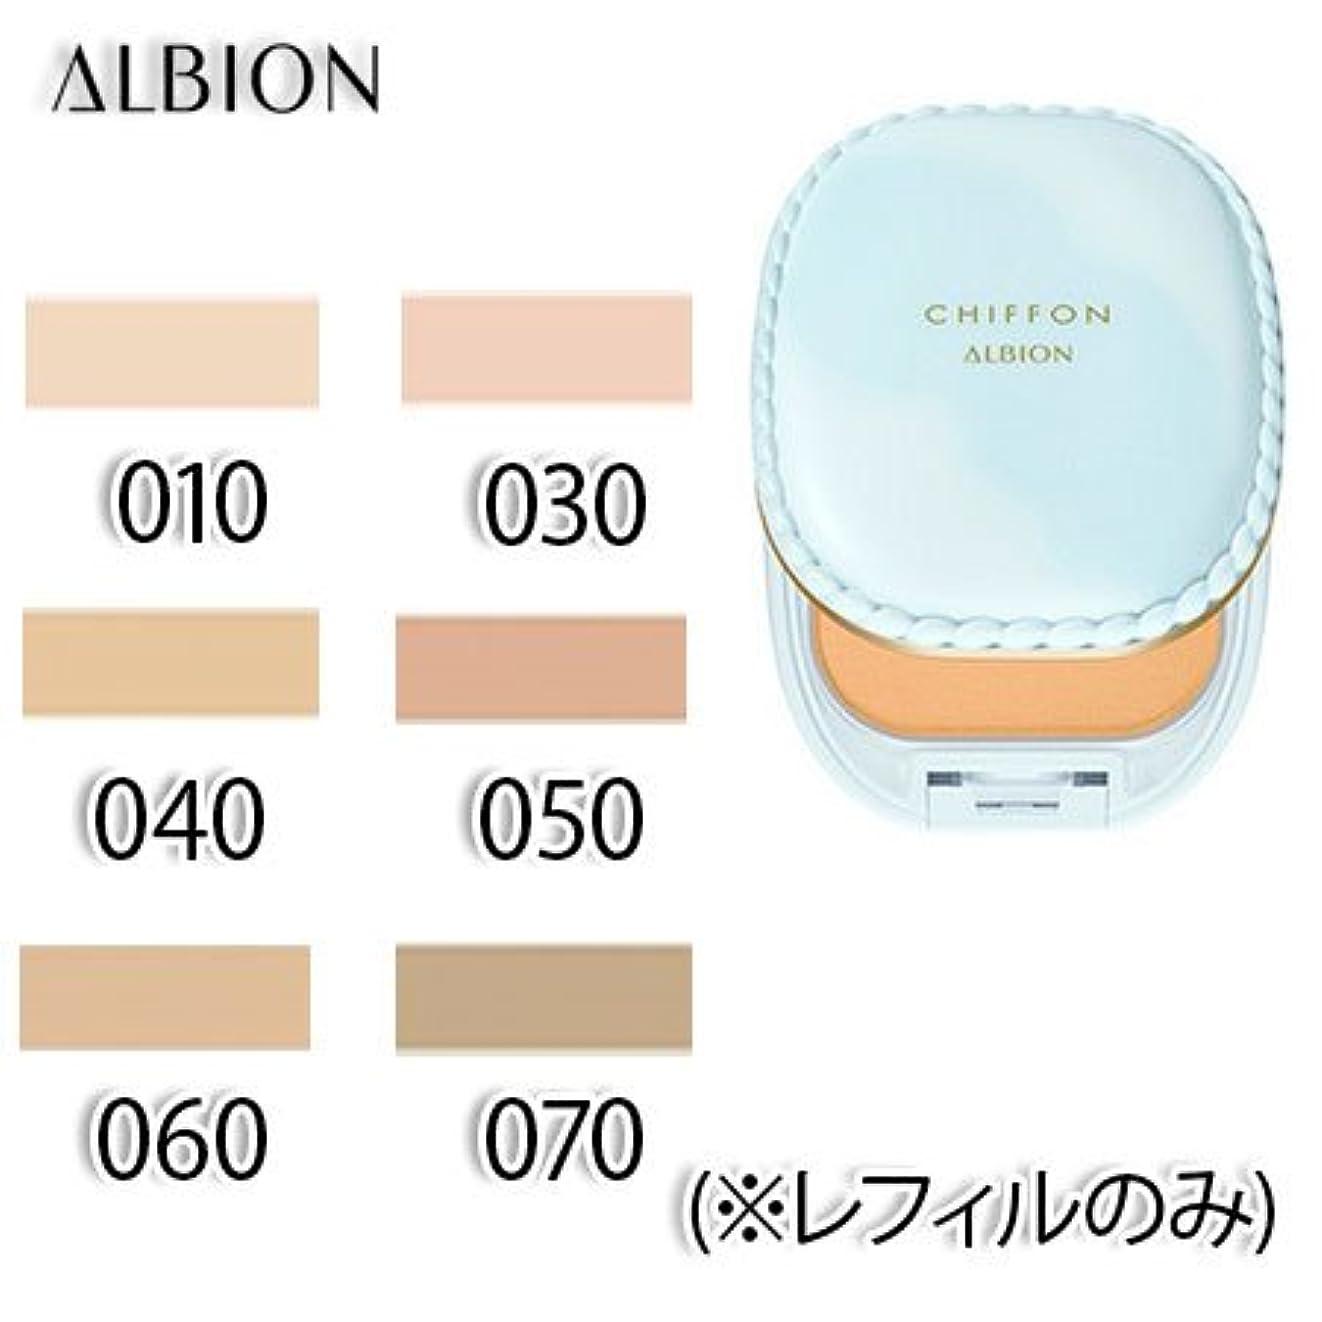 売上高シダフルーツ野菜アルビオン スノー ホワイト シフォン 全6色 SPF25?PA++ 10g (レフィルのみ) -ALBION- 050